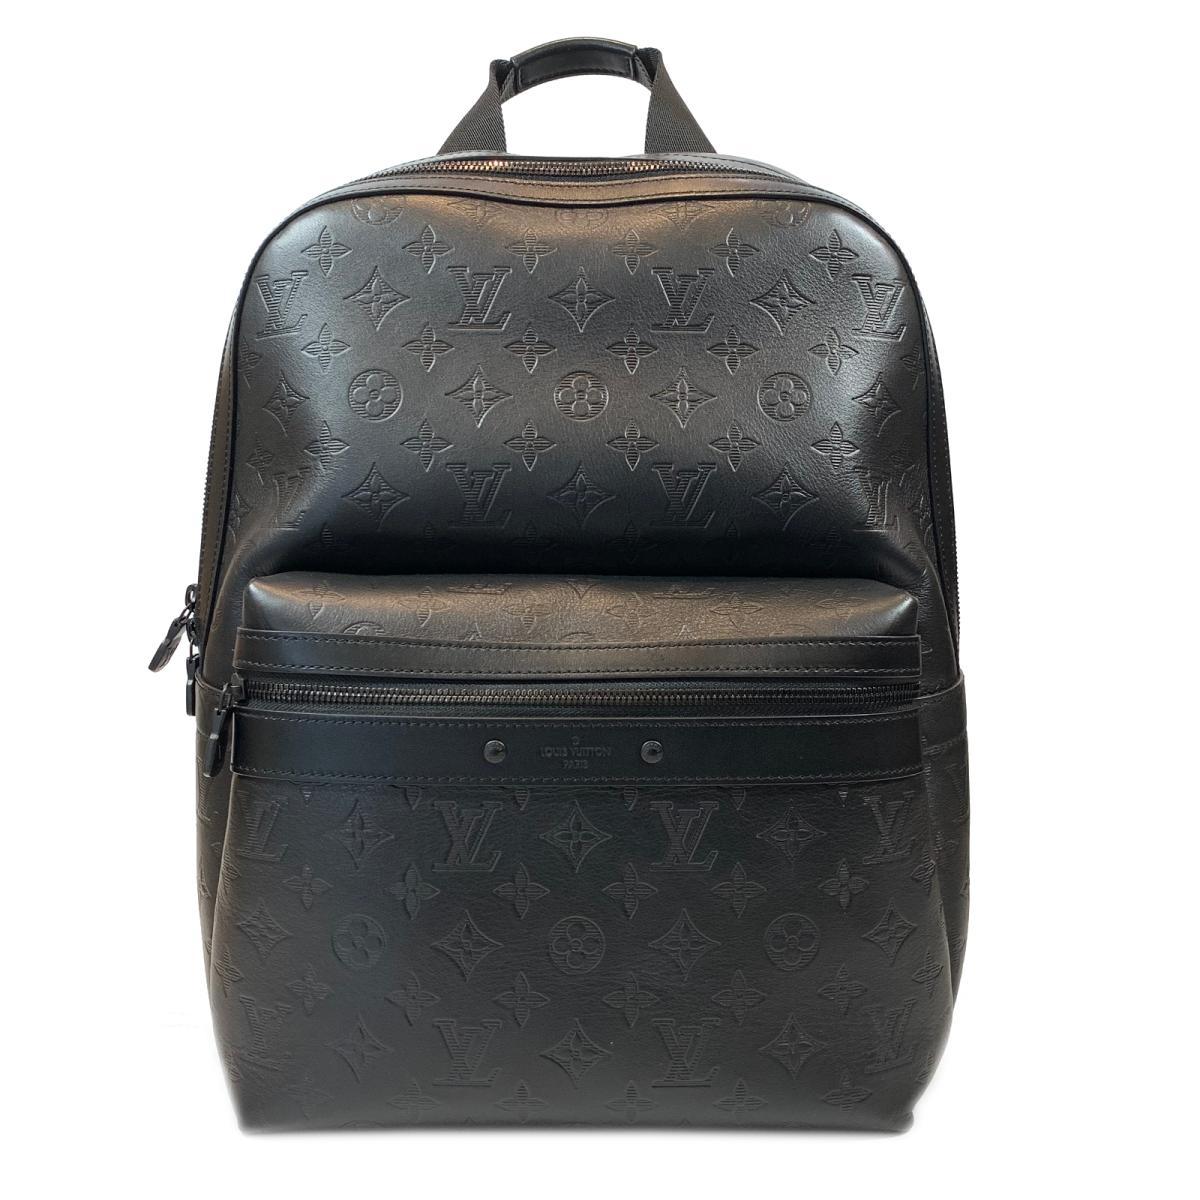 ルイヴィトン スプリンター・バックパック リュックサック バッグ メンズ モノグラム・シャドウ (M44727) 【中古】 | ブランド